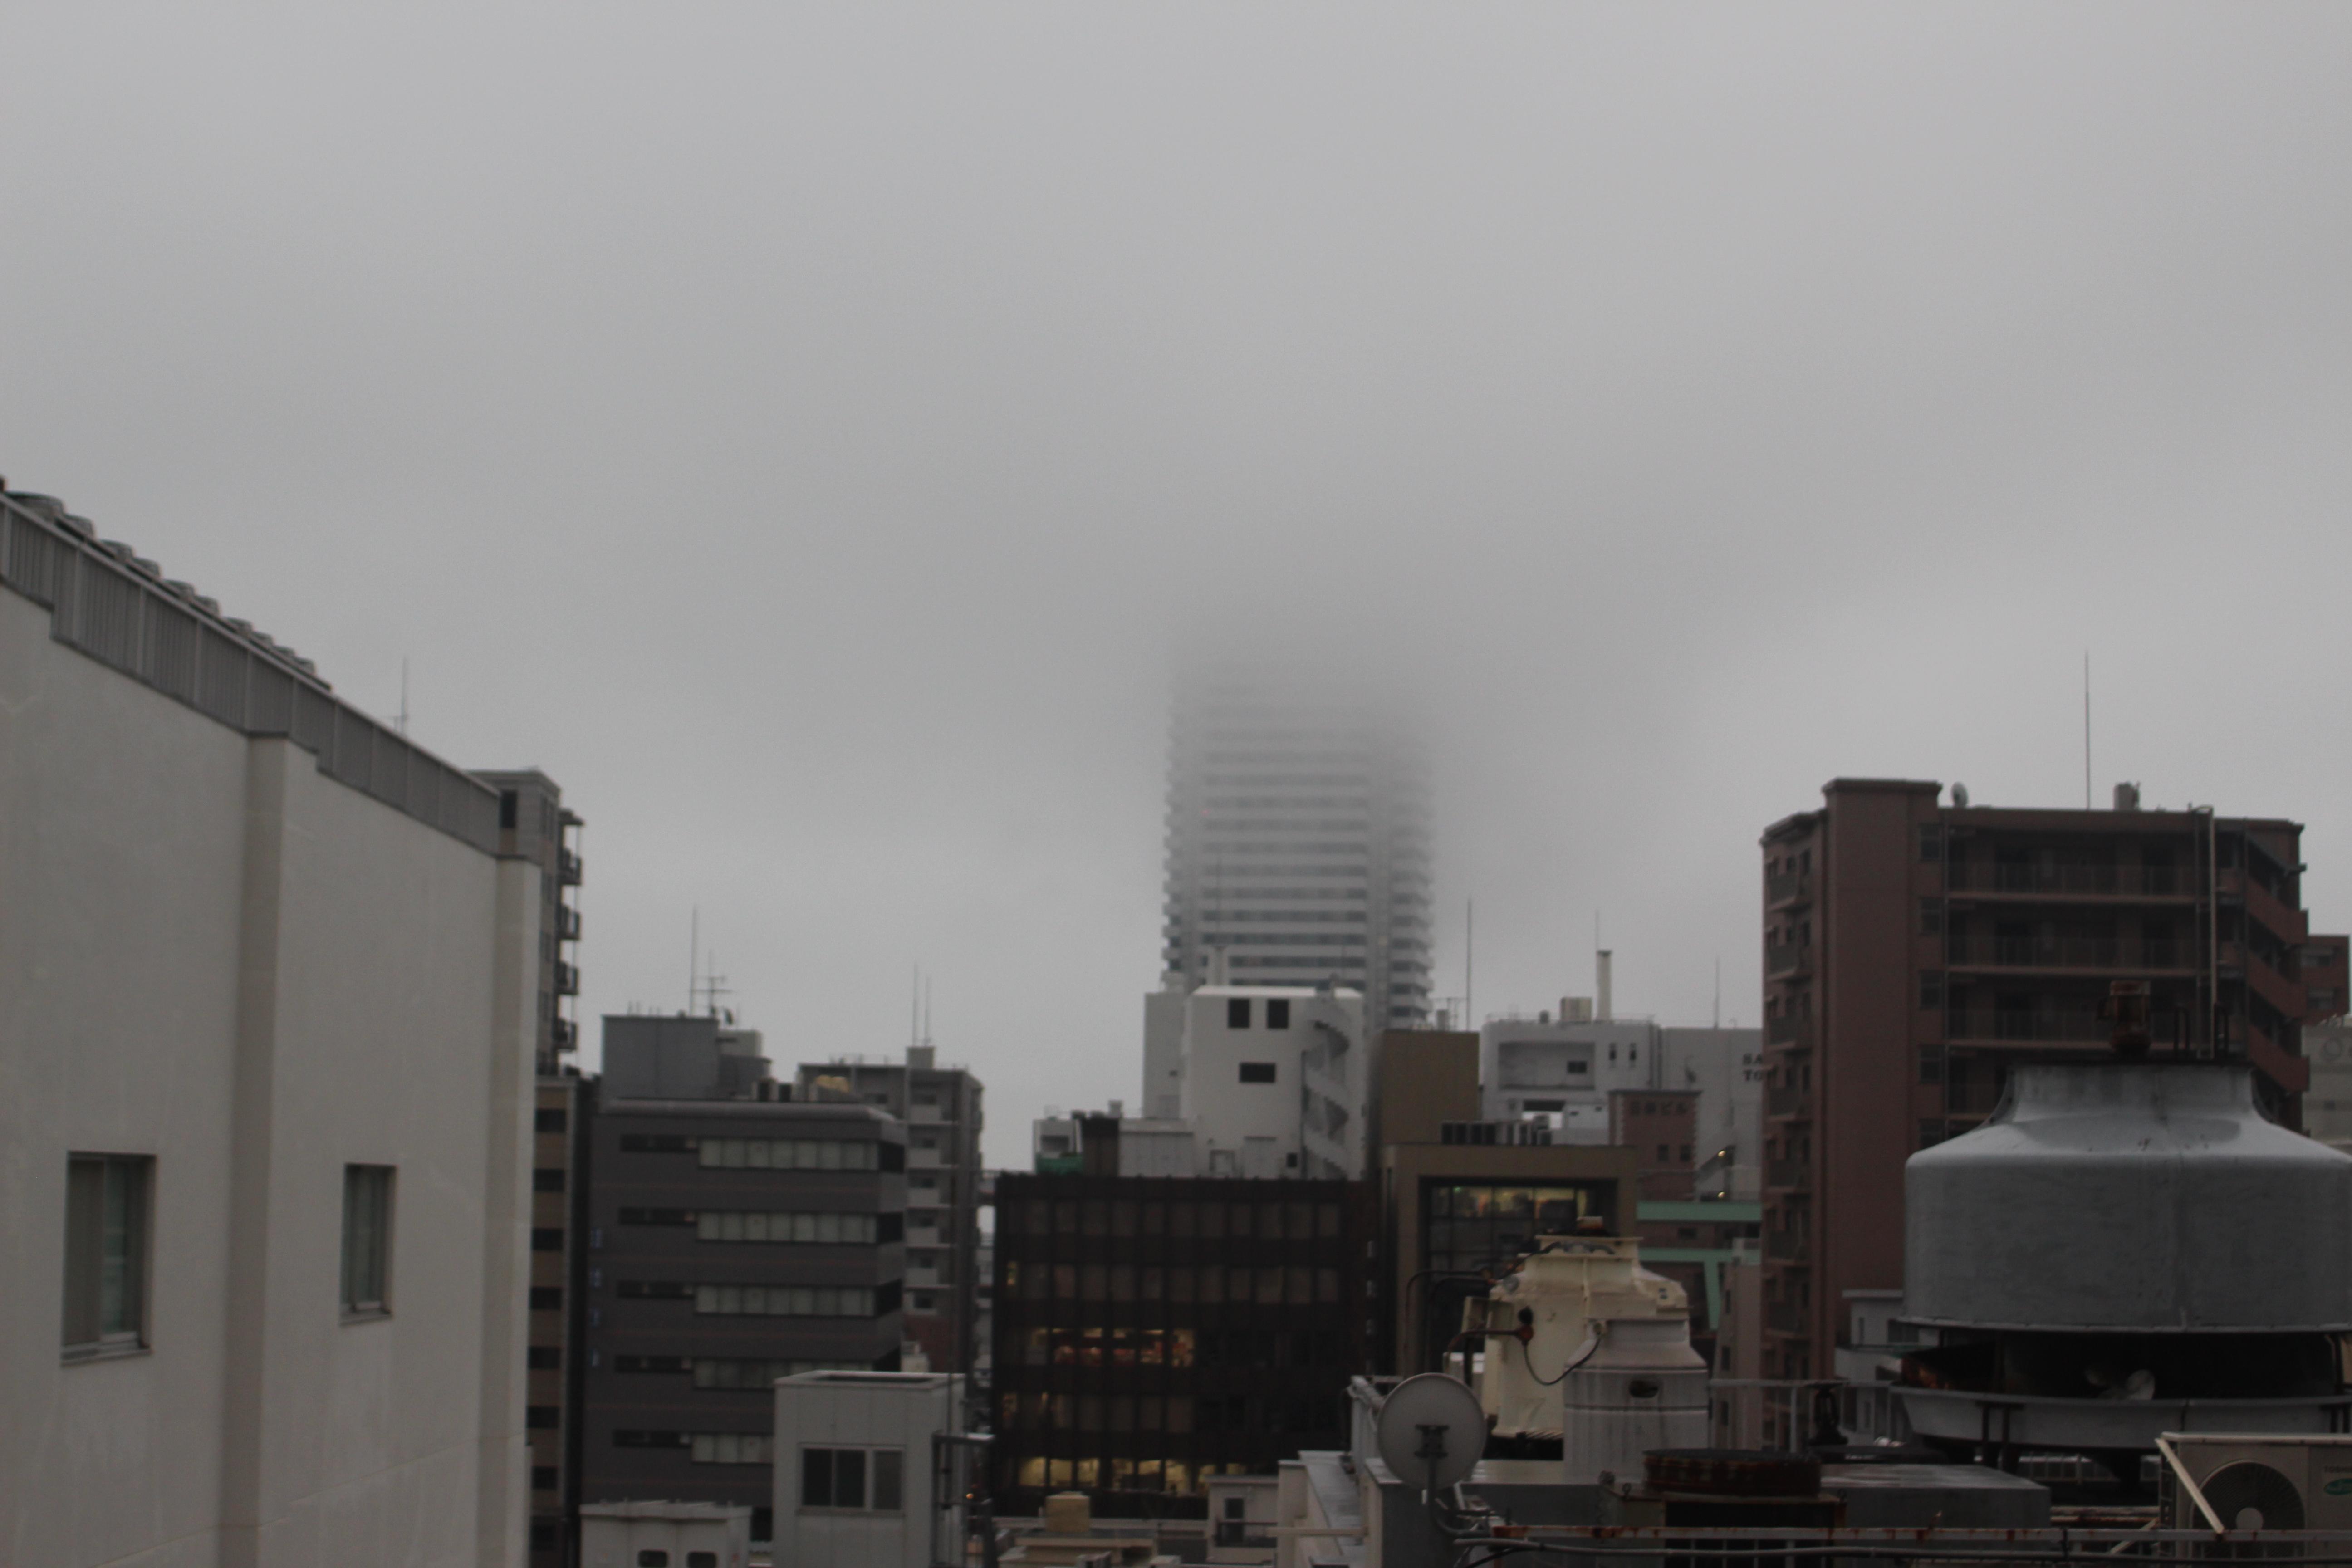 神戸元町 天才iPhoneクリエイターショップ(改)2